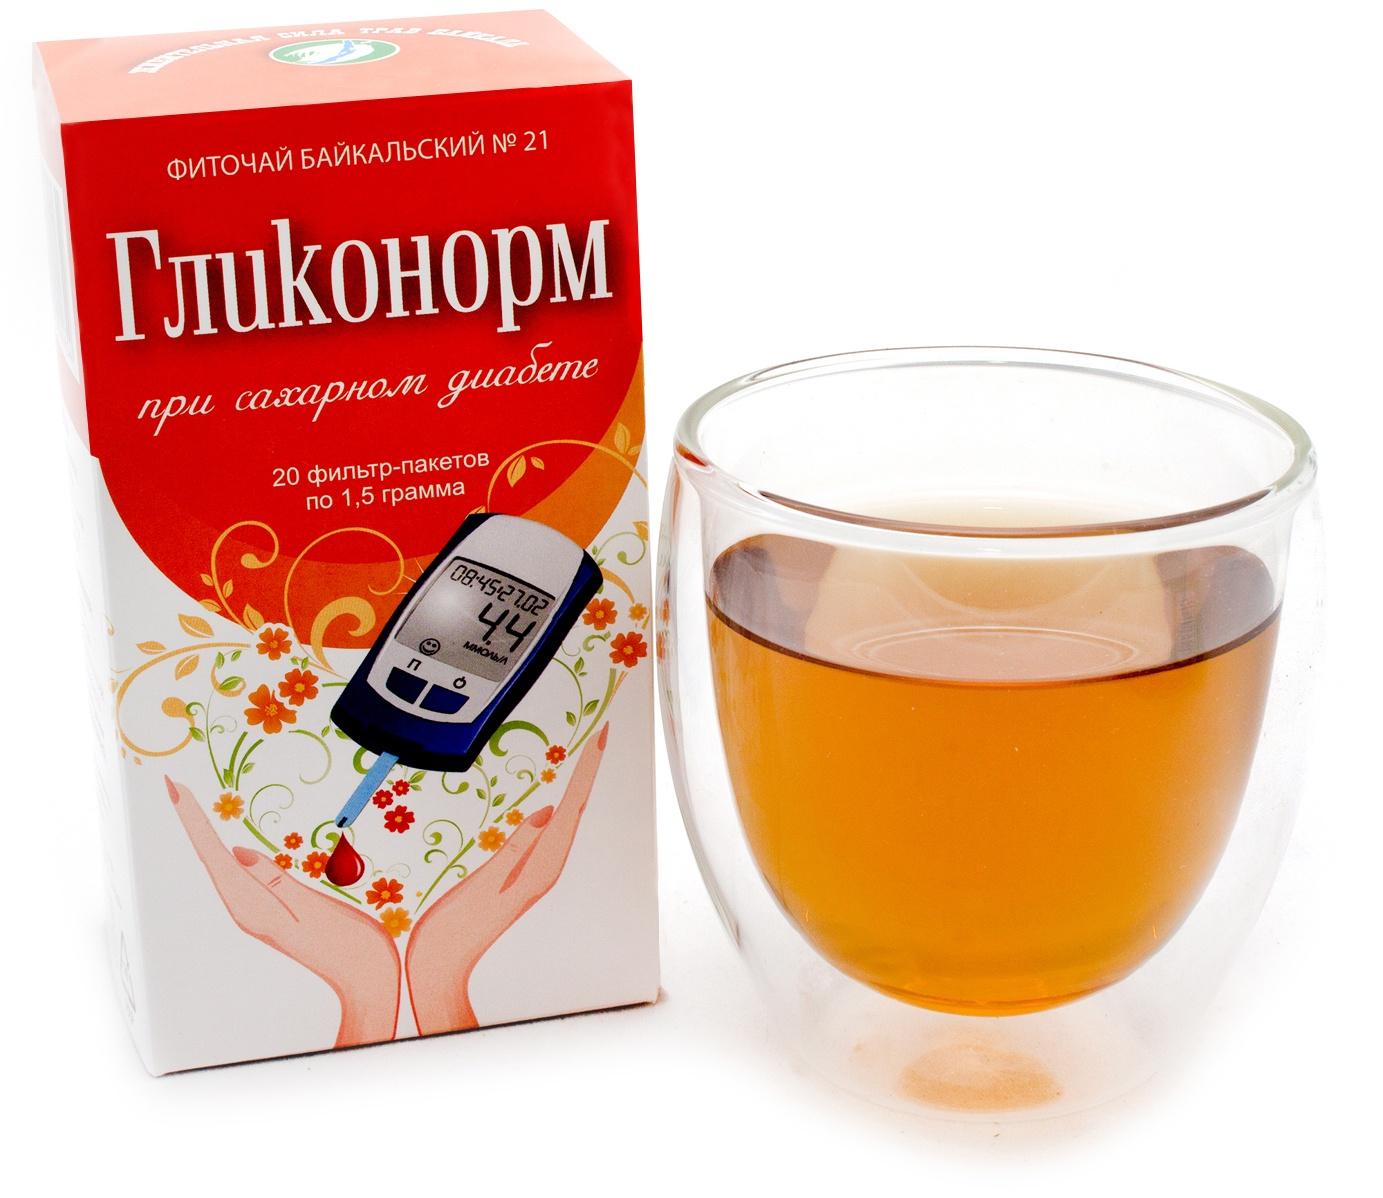 Фото - Чай в пакетиках Фиточаи Байкальские Гликонорм лечебный при сахарном диабете, 20 шт по 1.5 г чай в пакетиках фиточаи байкальские женский лечебный с боровой маткой 20 шт по 1 5 г